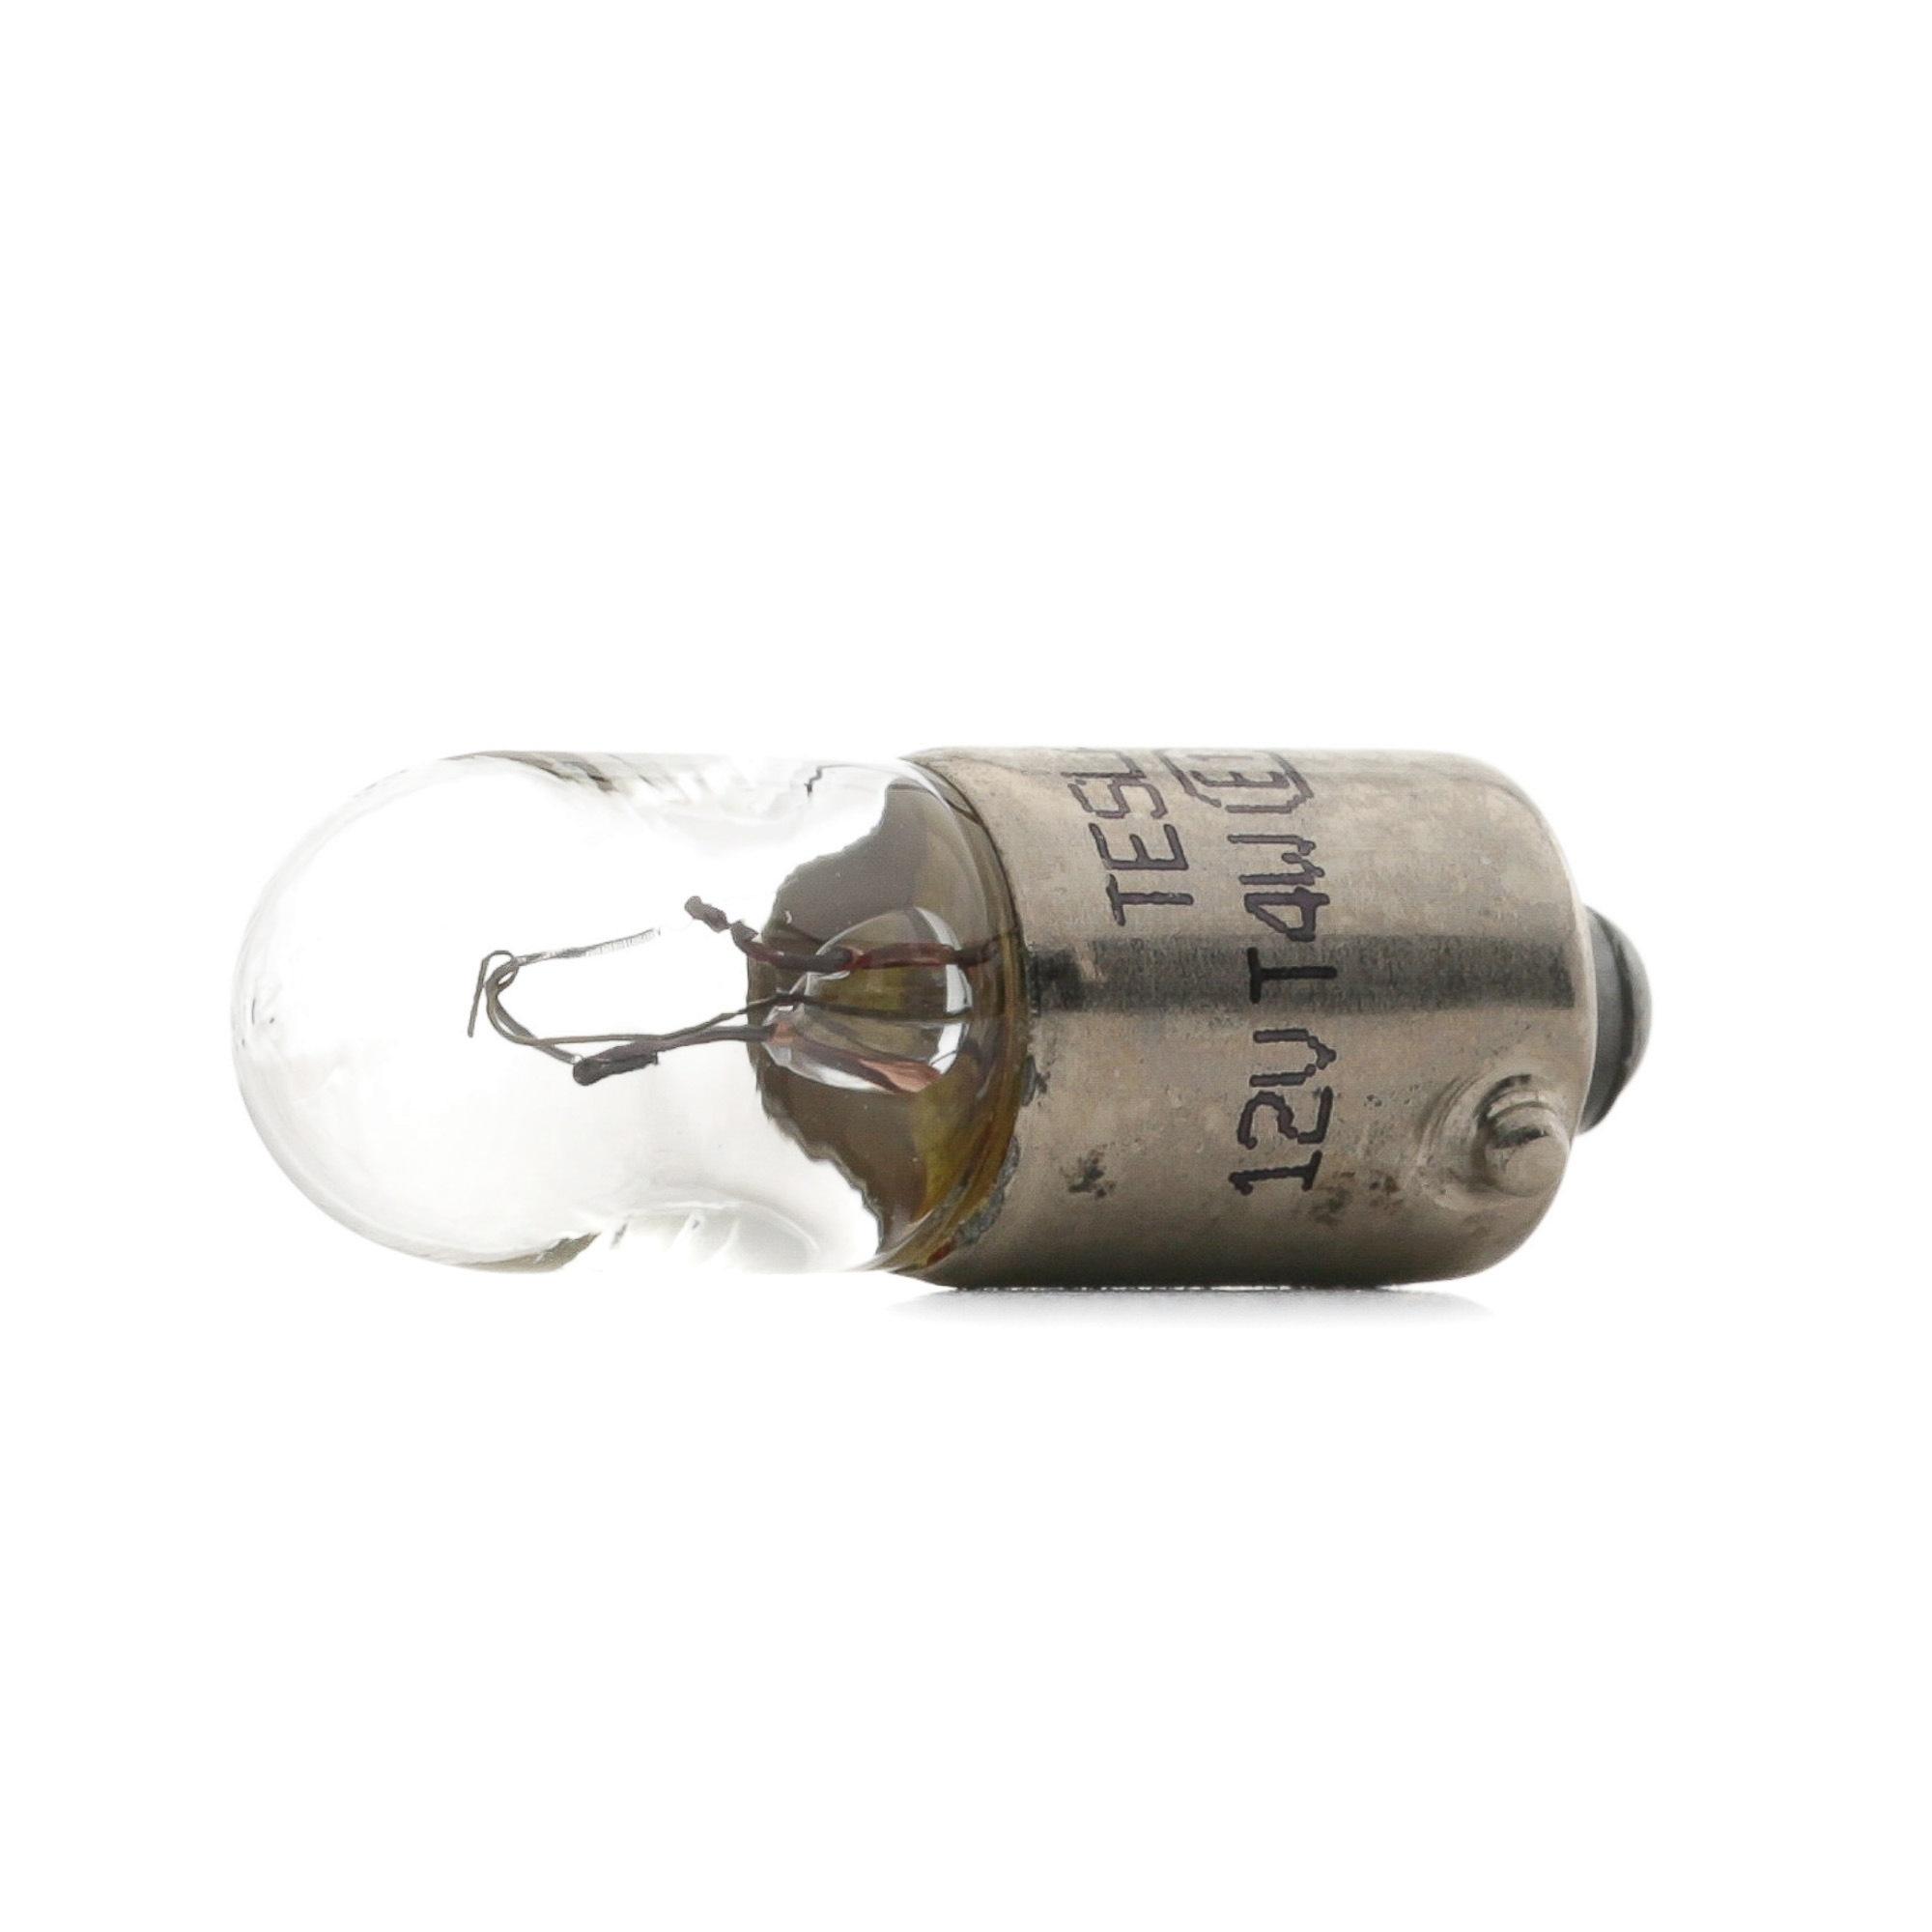 Zarnica smerne utripalke B54101 TESLA - samo novi deli